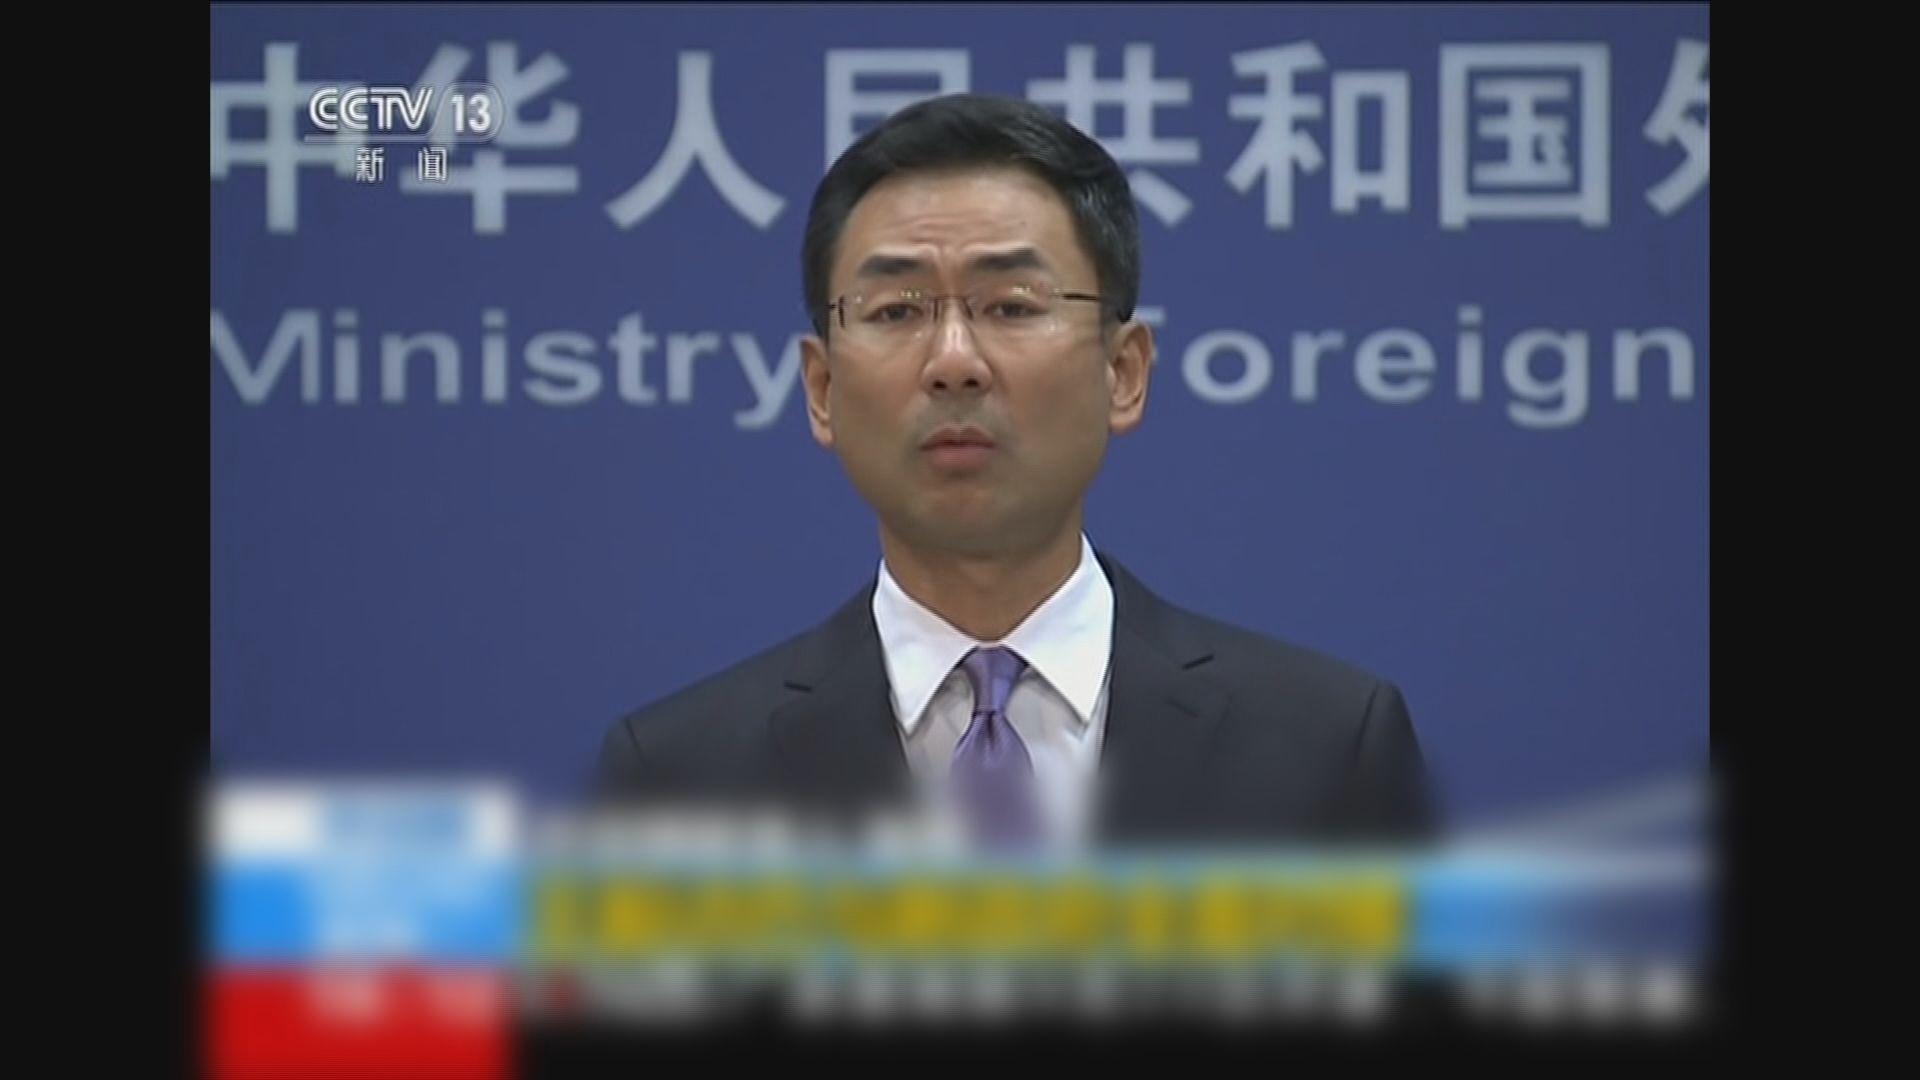 外交部否認新疆穆斯林人權被侵犯指控